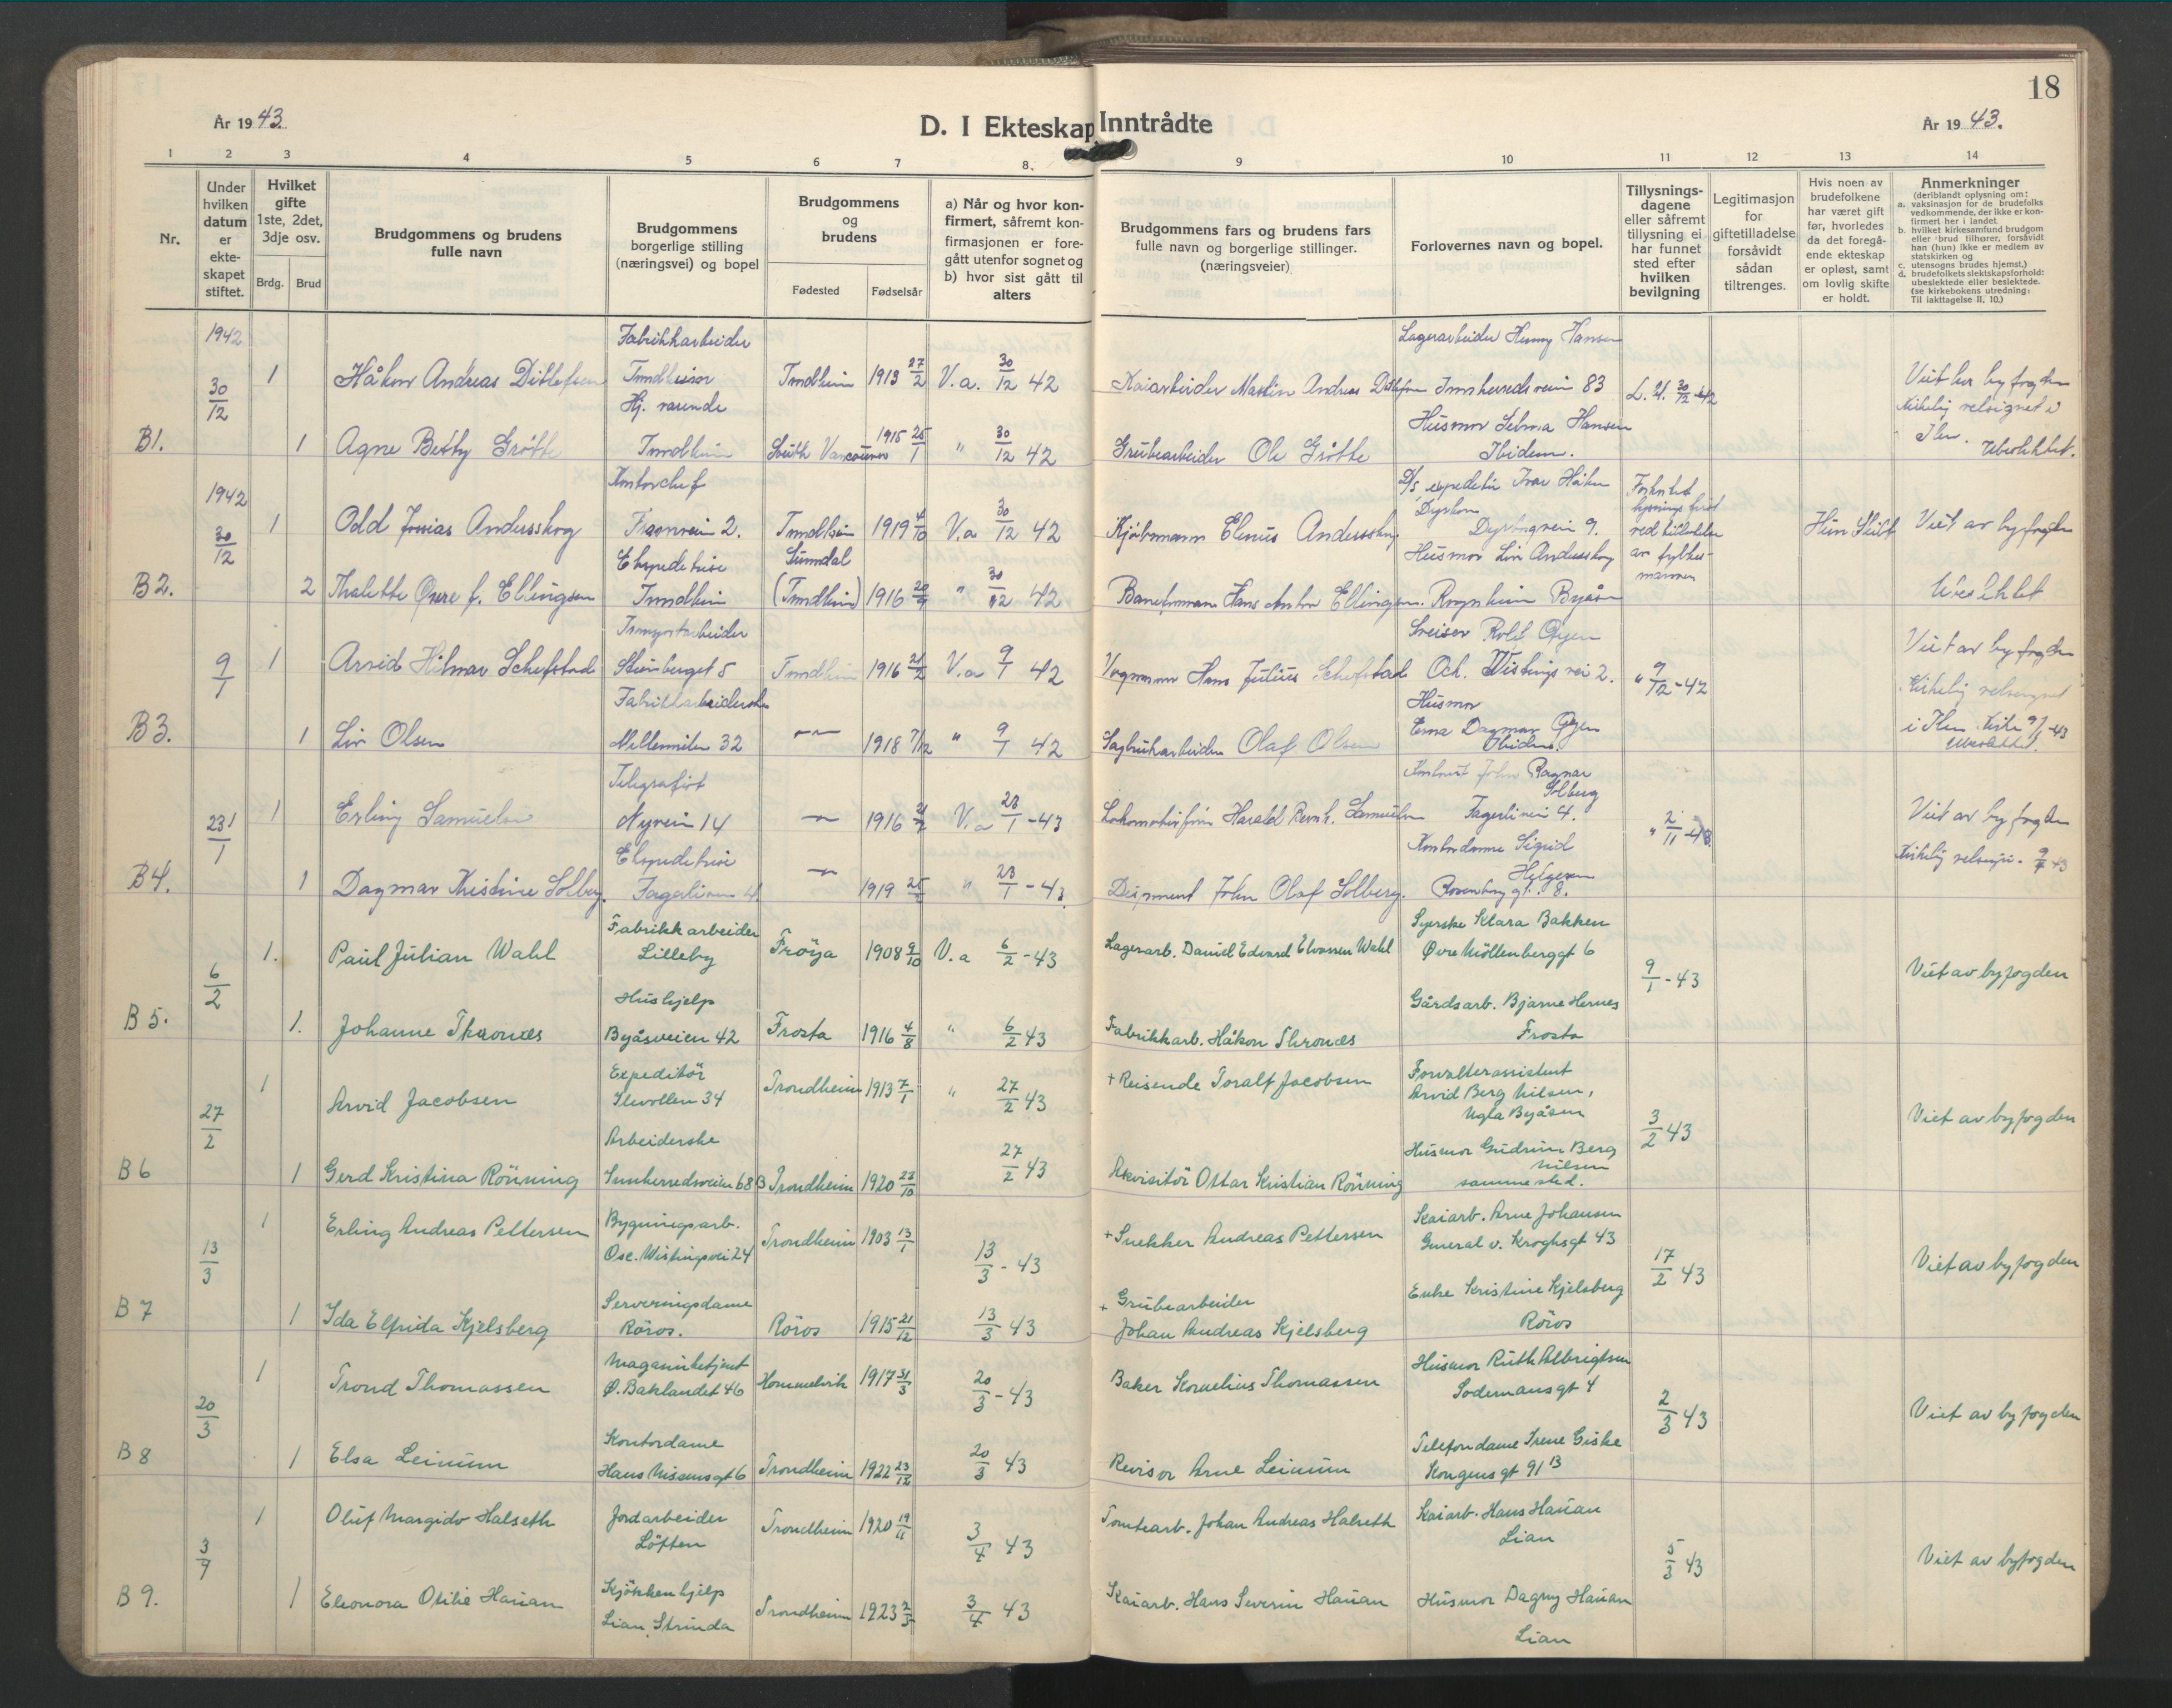 SAT, Ministerialprotokoller, klokkerbøker og fødselsregistre - Sør-Trøndelag, 603/L0177: Klokkerbok nr. 603C05, 1941-1952, s. 18